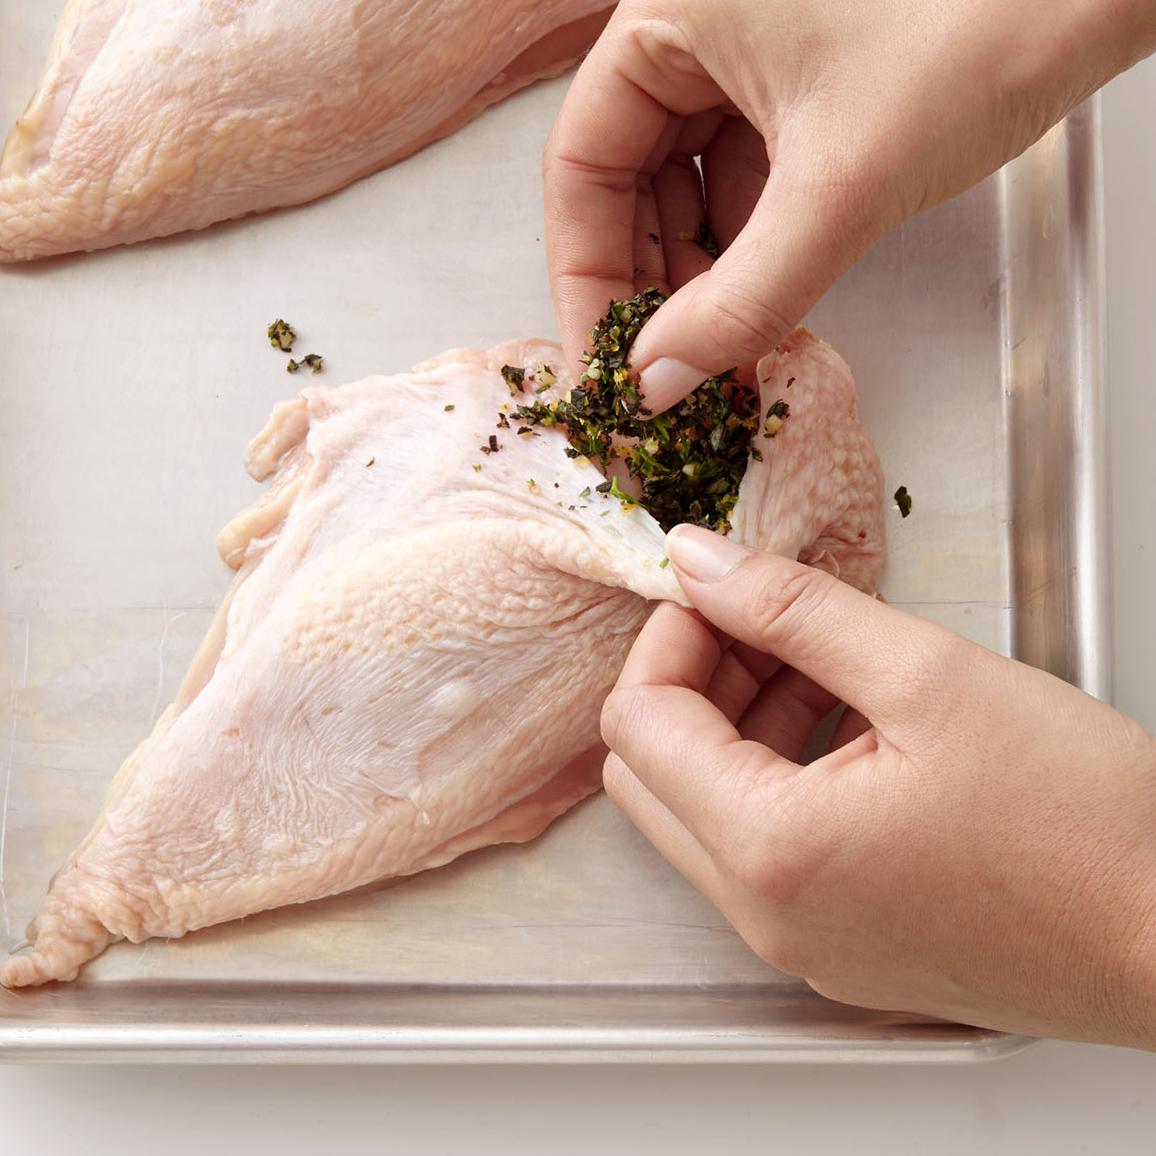 stuffing chicken adding herbs